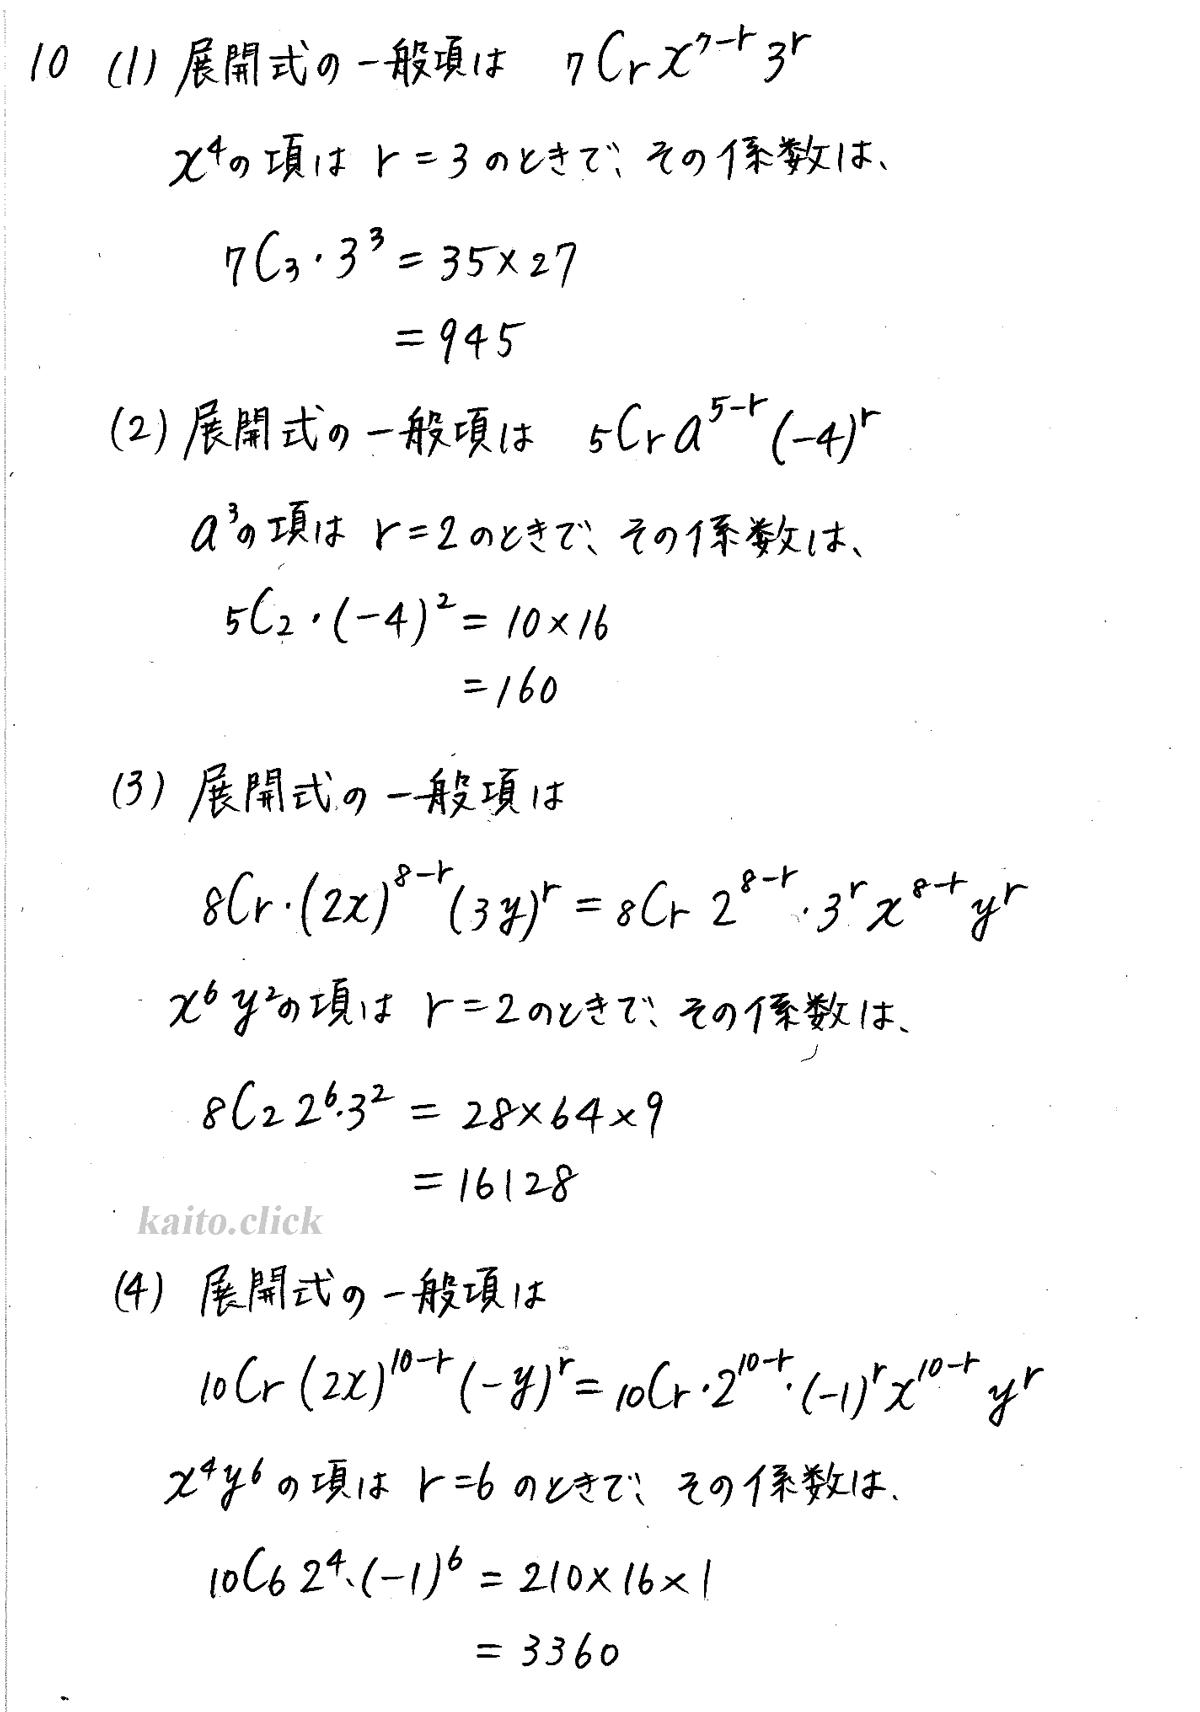 クリアー数学2-10解答